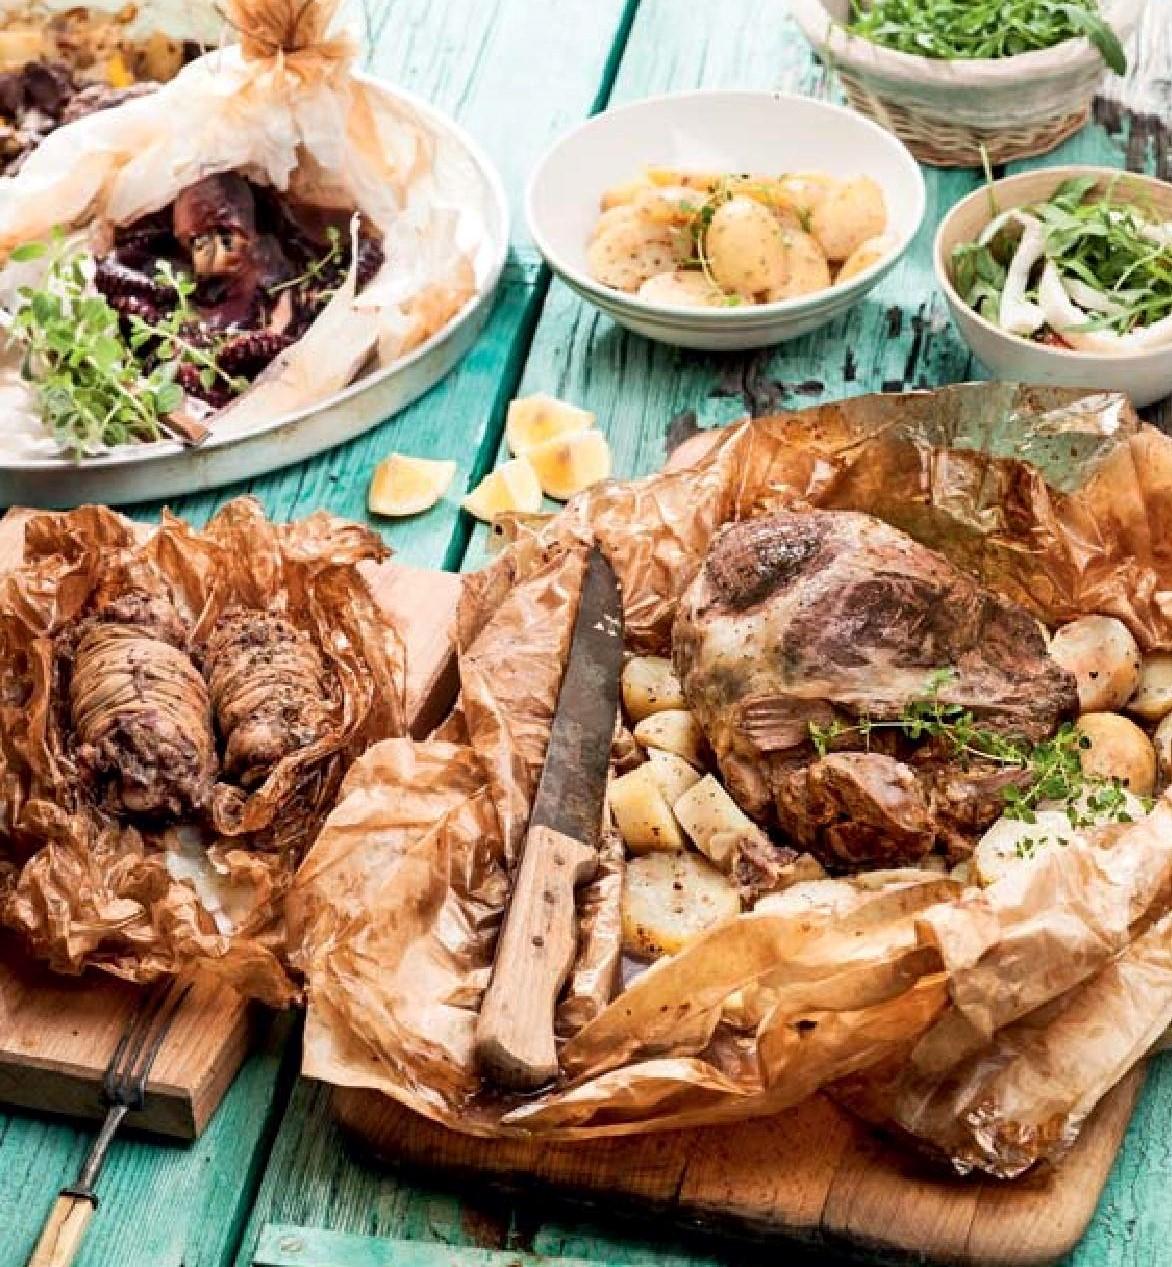 Γευτείτε το πιο νόστιμο Πάσχα της ζωής σας-featured_image